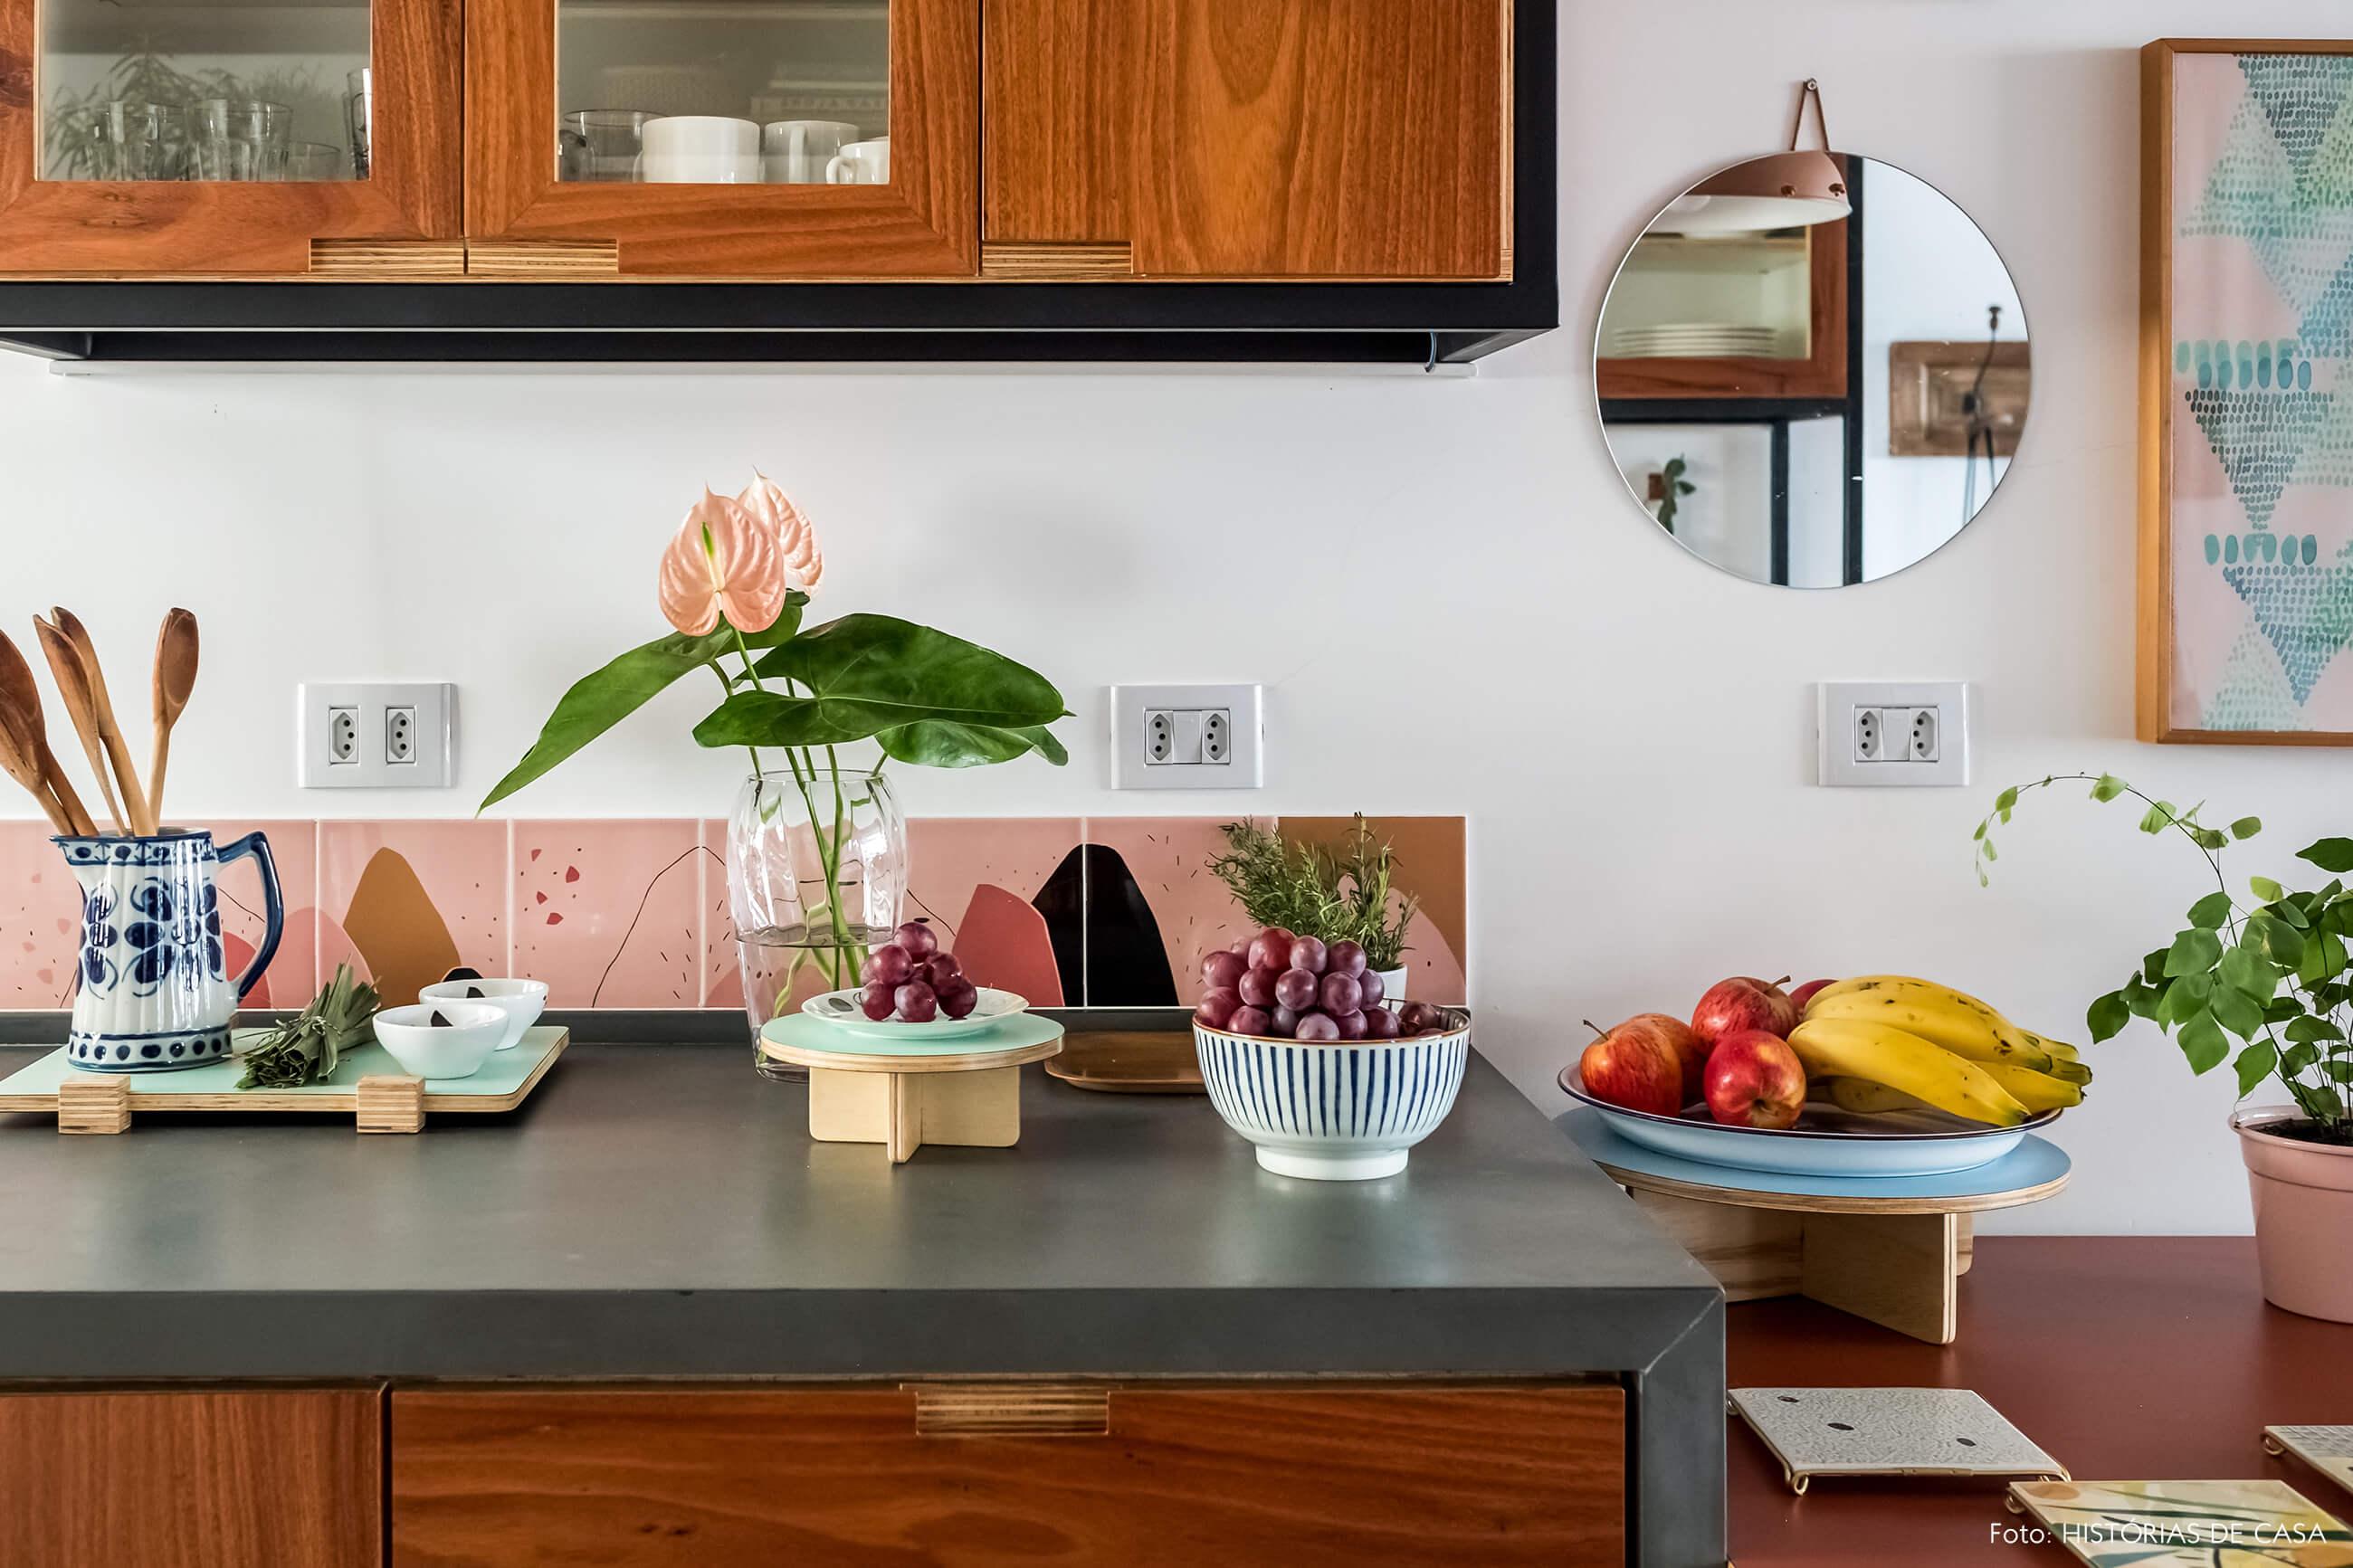 Cozinha com armários de marcenaria e serralheria, frontão de azulejos rosa